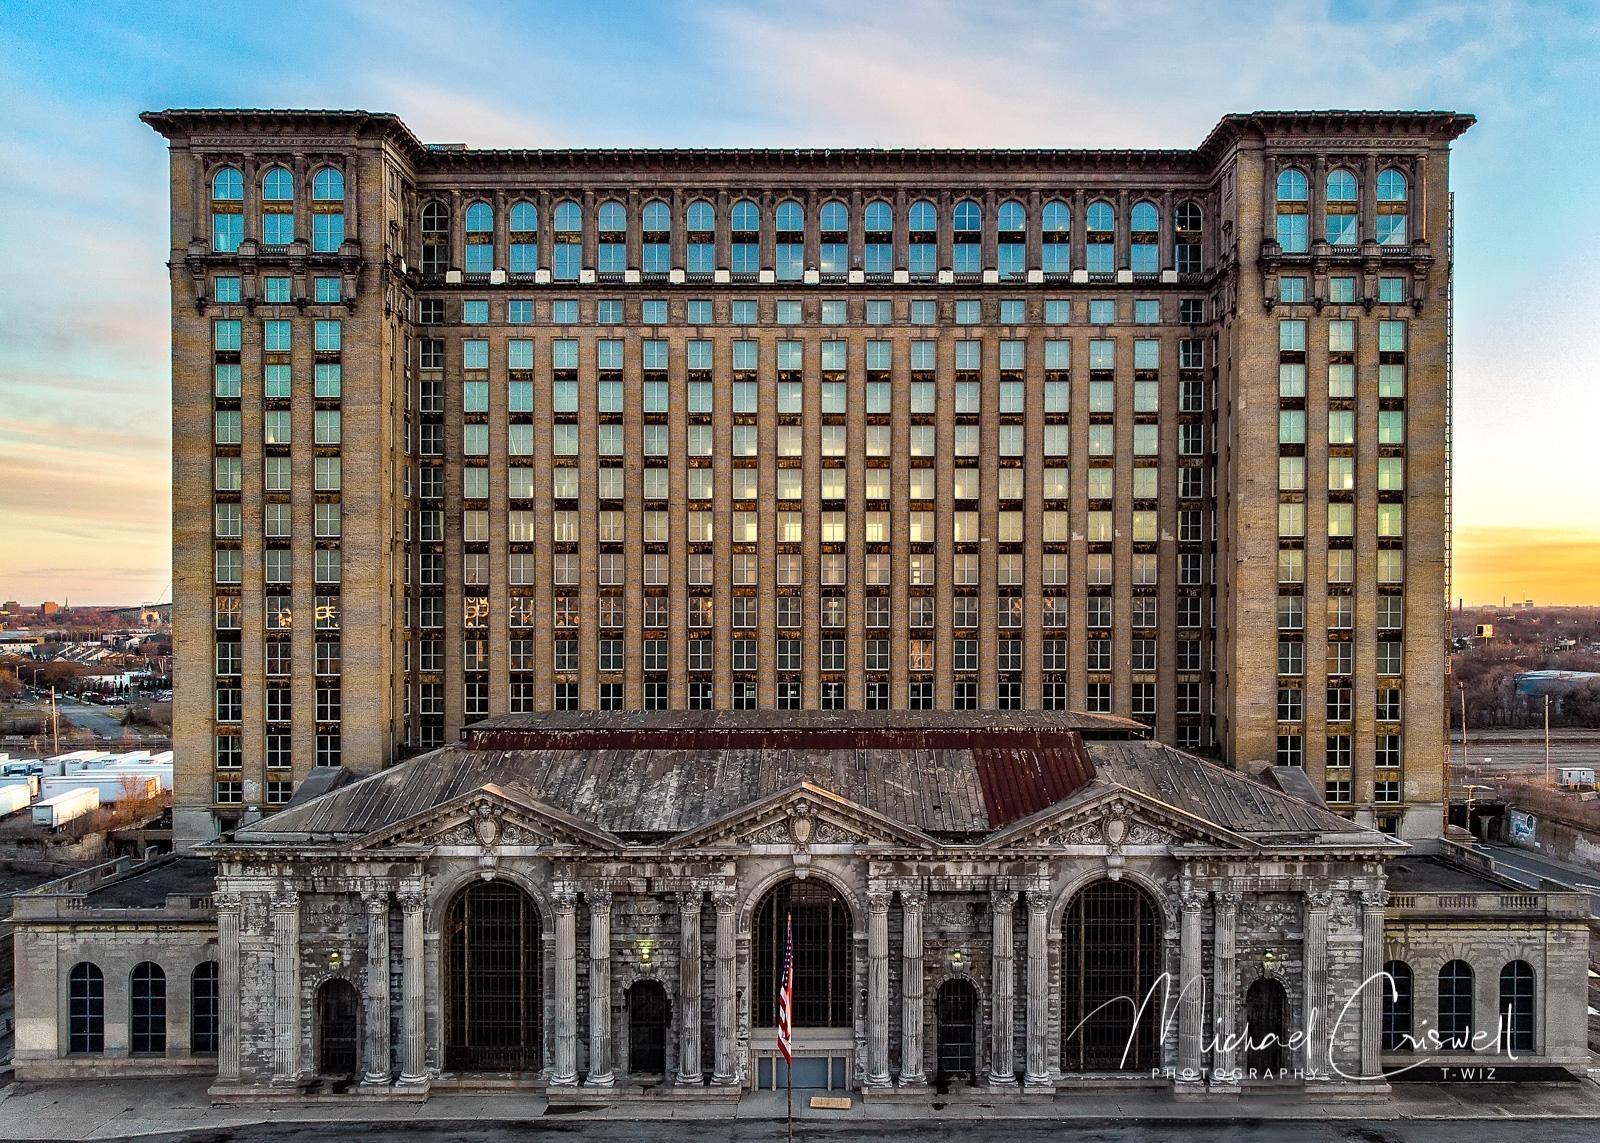 Michigan Central II